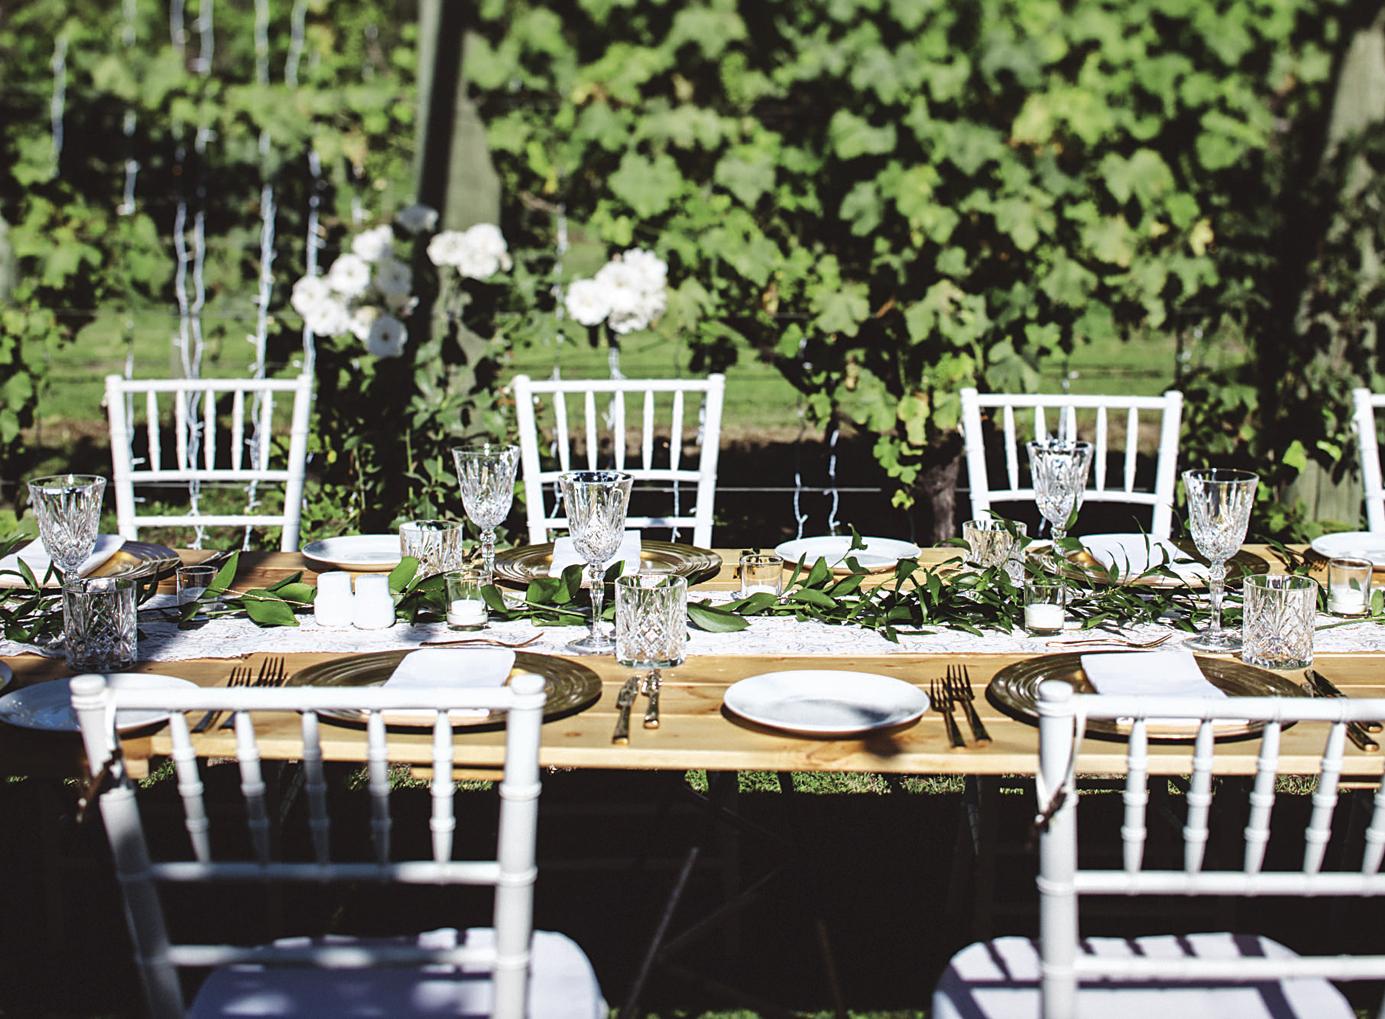 Bride & Groom Mag Clare & Josh's WEDDING 11.jpg